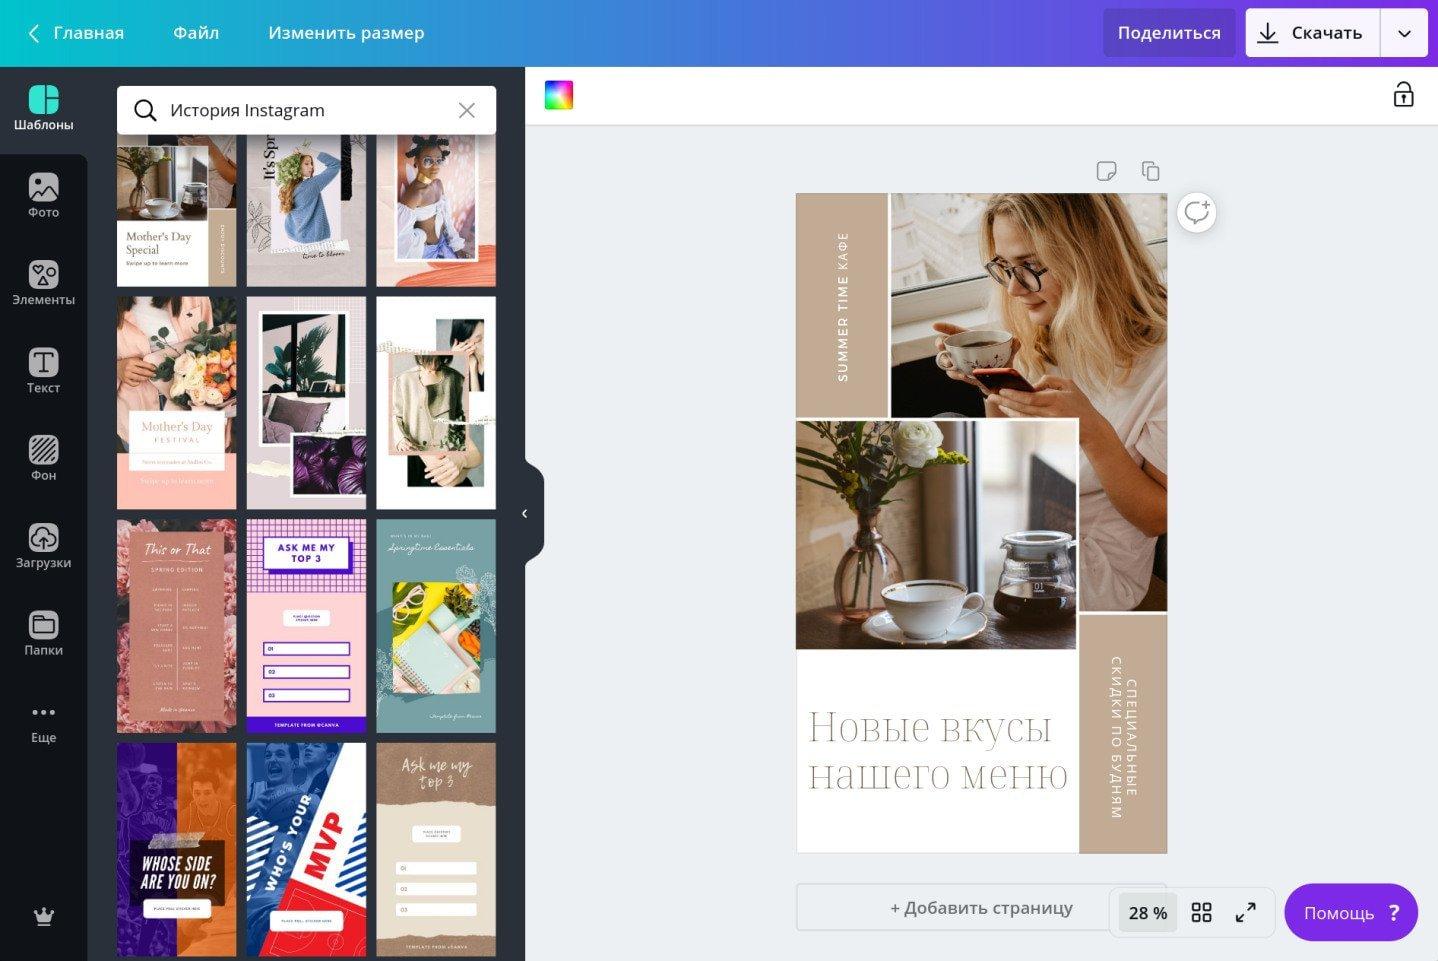 Создание сторис для Инстаграма в приложении на русском языке Canva